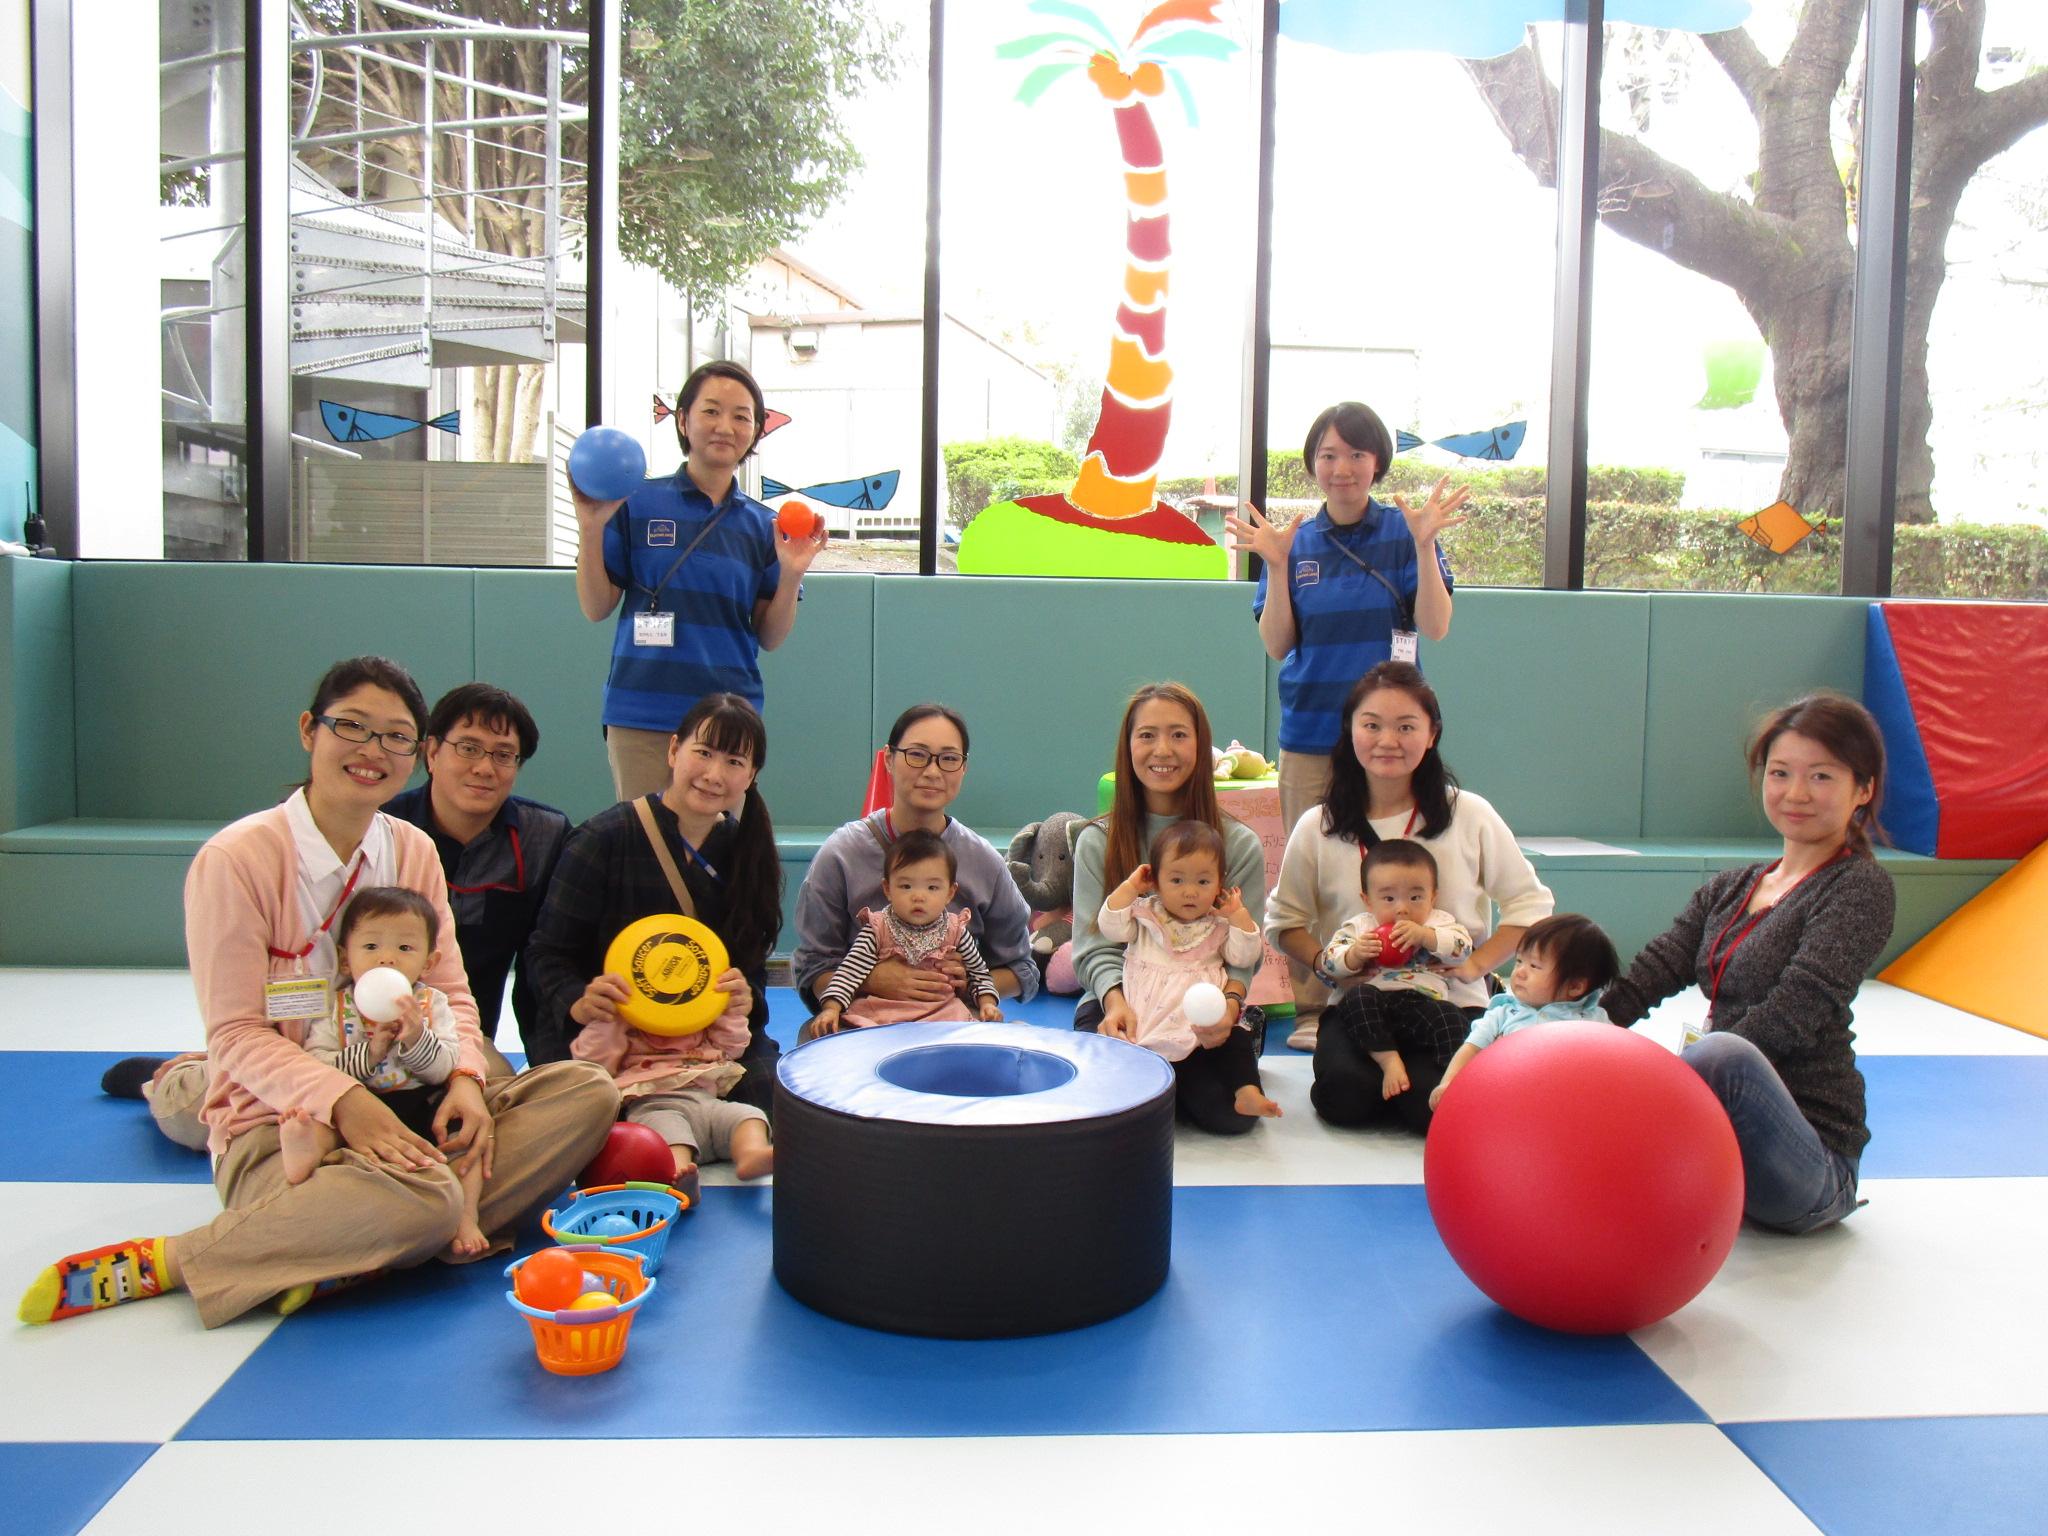 赤ちゃんイベント『ボールであそぼう!』『ハイハイレース』『カレンダーをつくろう!』